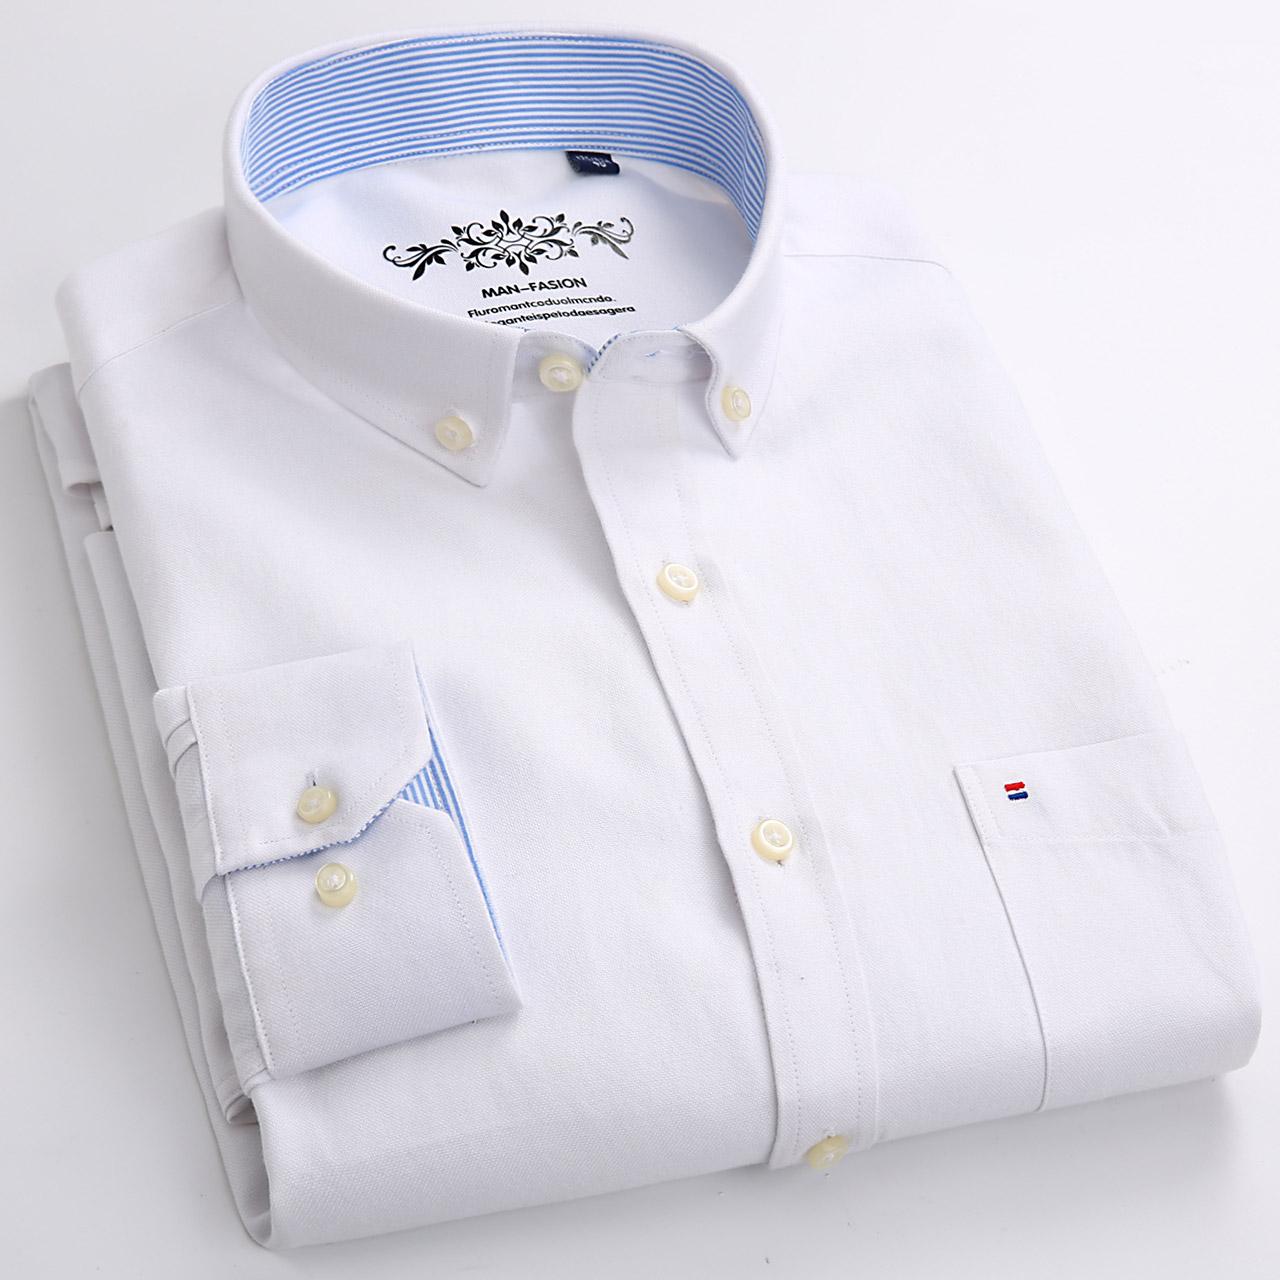 男士衬衫2018春季新款刺绣牛津纺长袖衬衣男潮流纯色上衣白衬衫